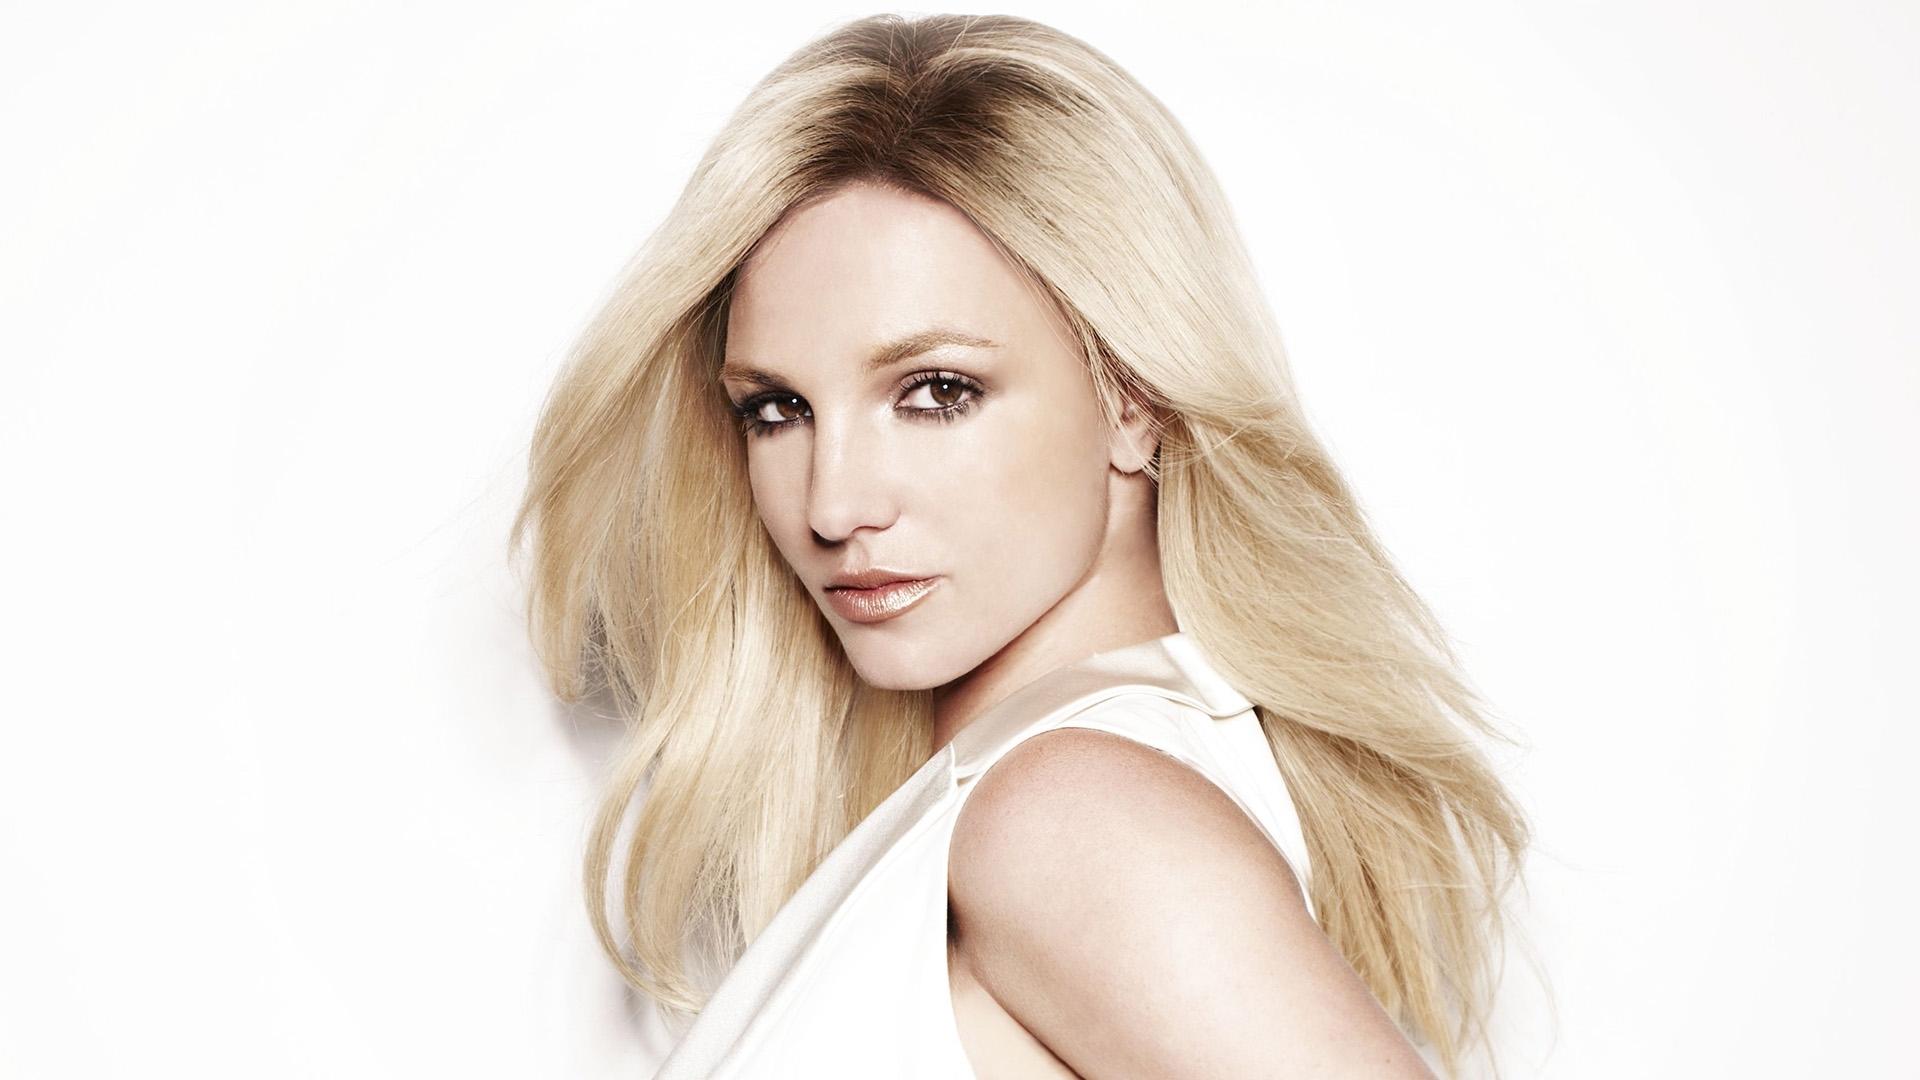 Hintergrundbilder : Gesicht, Modell-, blond, lange Haare, Haut ...